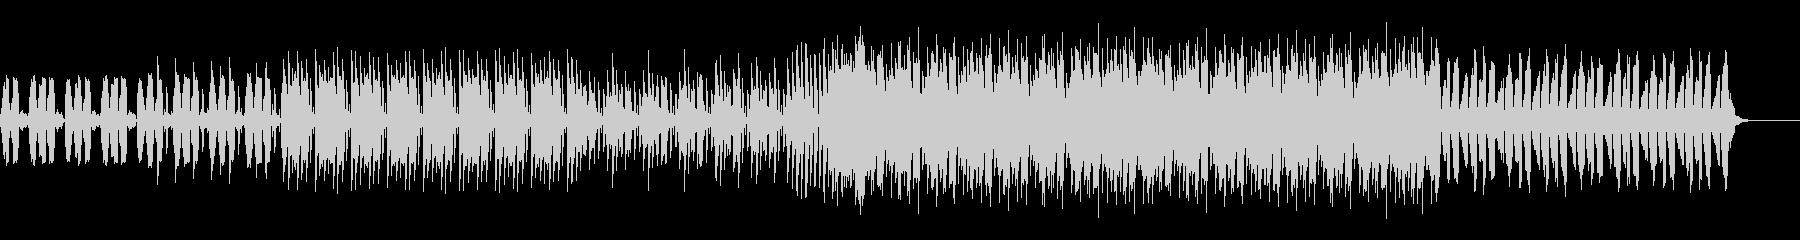 力強いビートのピアノバッキングEDMの未再生の波形